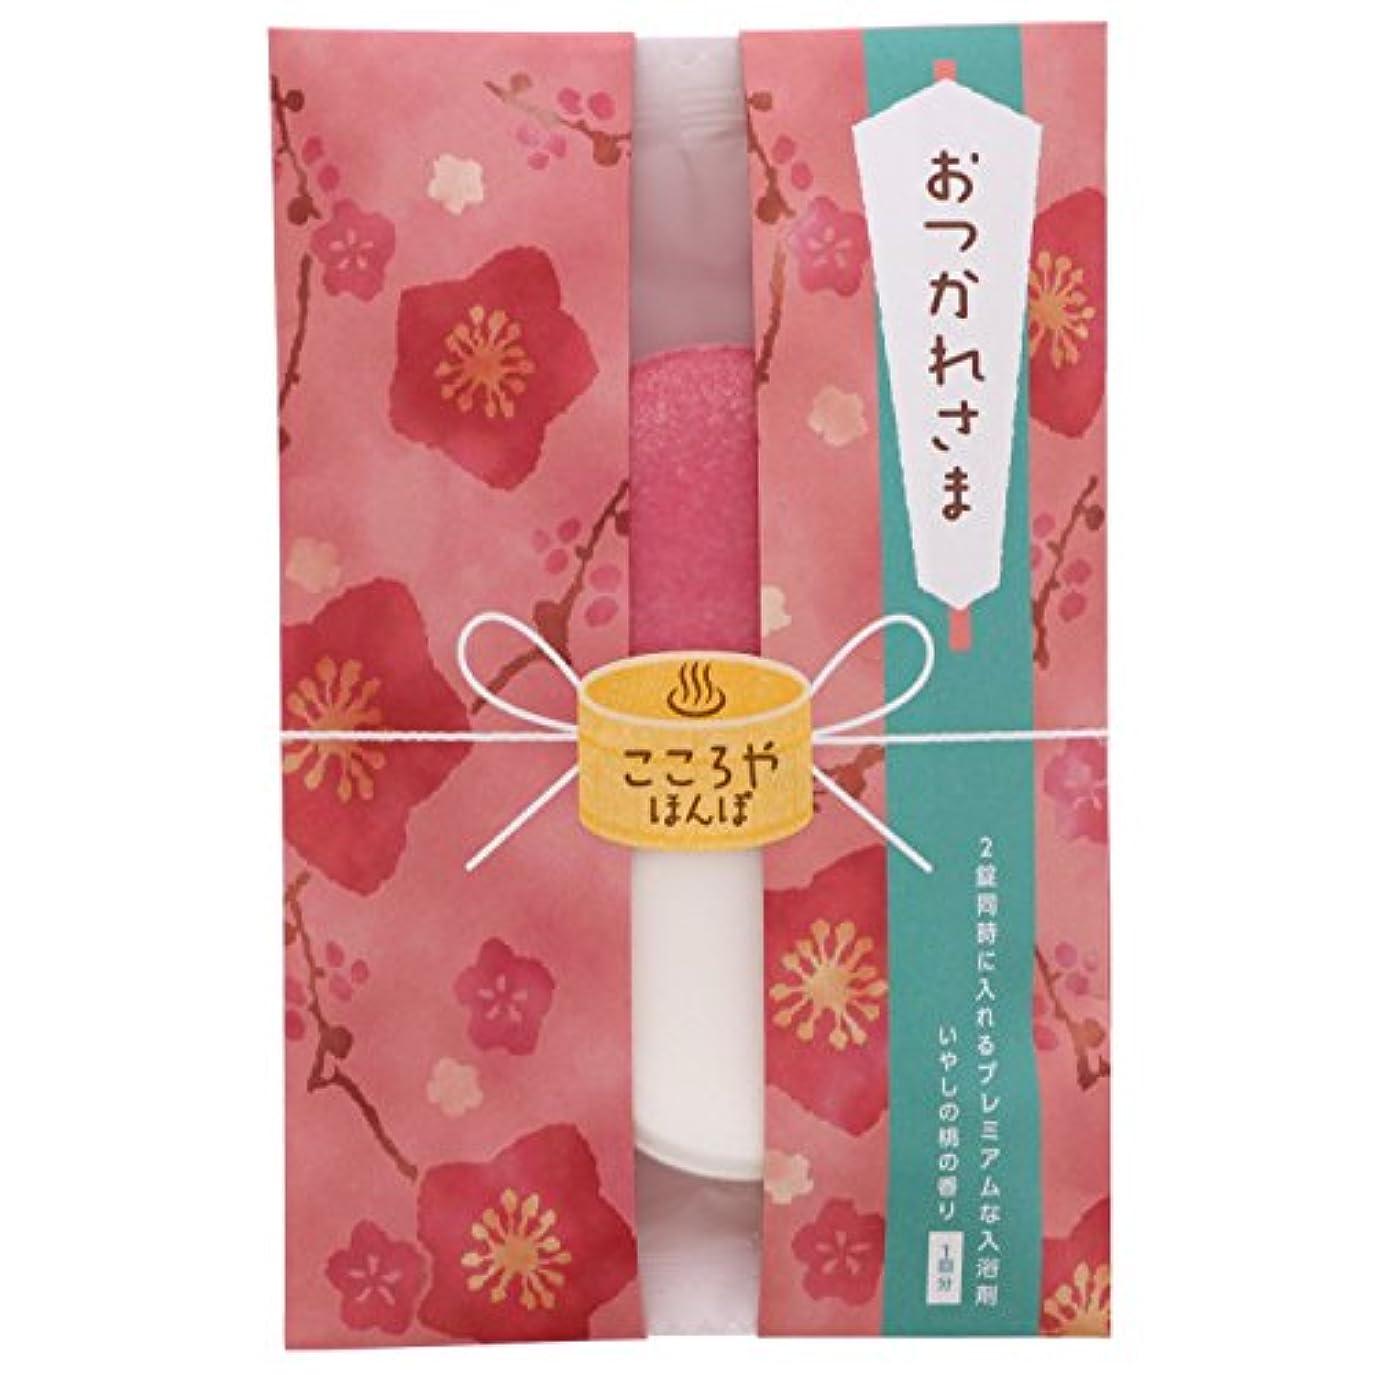 ベイビーデータペデスタルこころやほんぽ カジュアルギフト 入浴剤 おつかれさま 桃の香り 50g